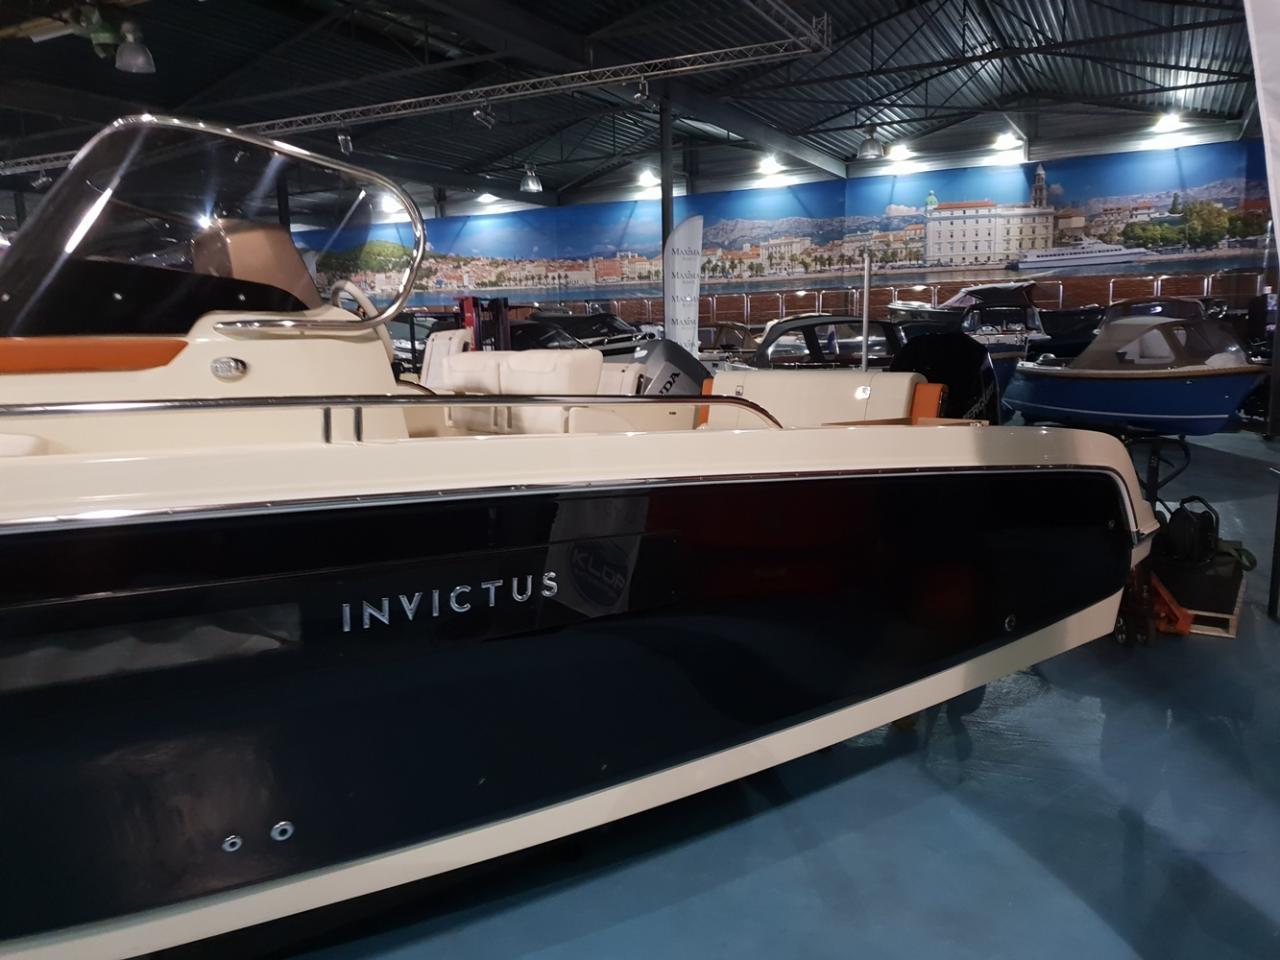 Invictus 240 cx met Mercury 200 Verado 7